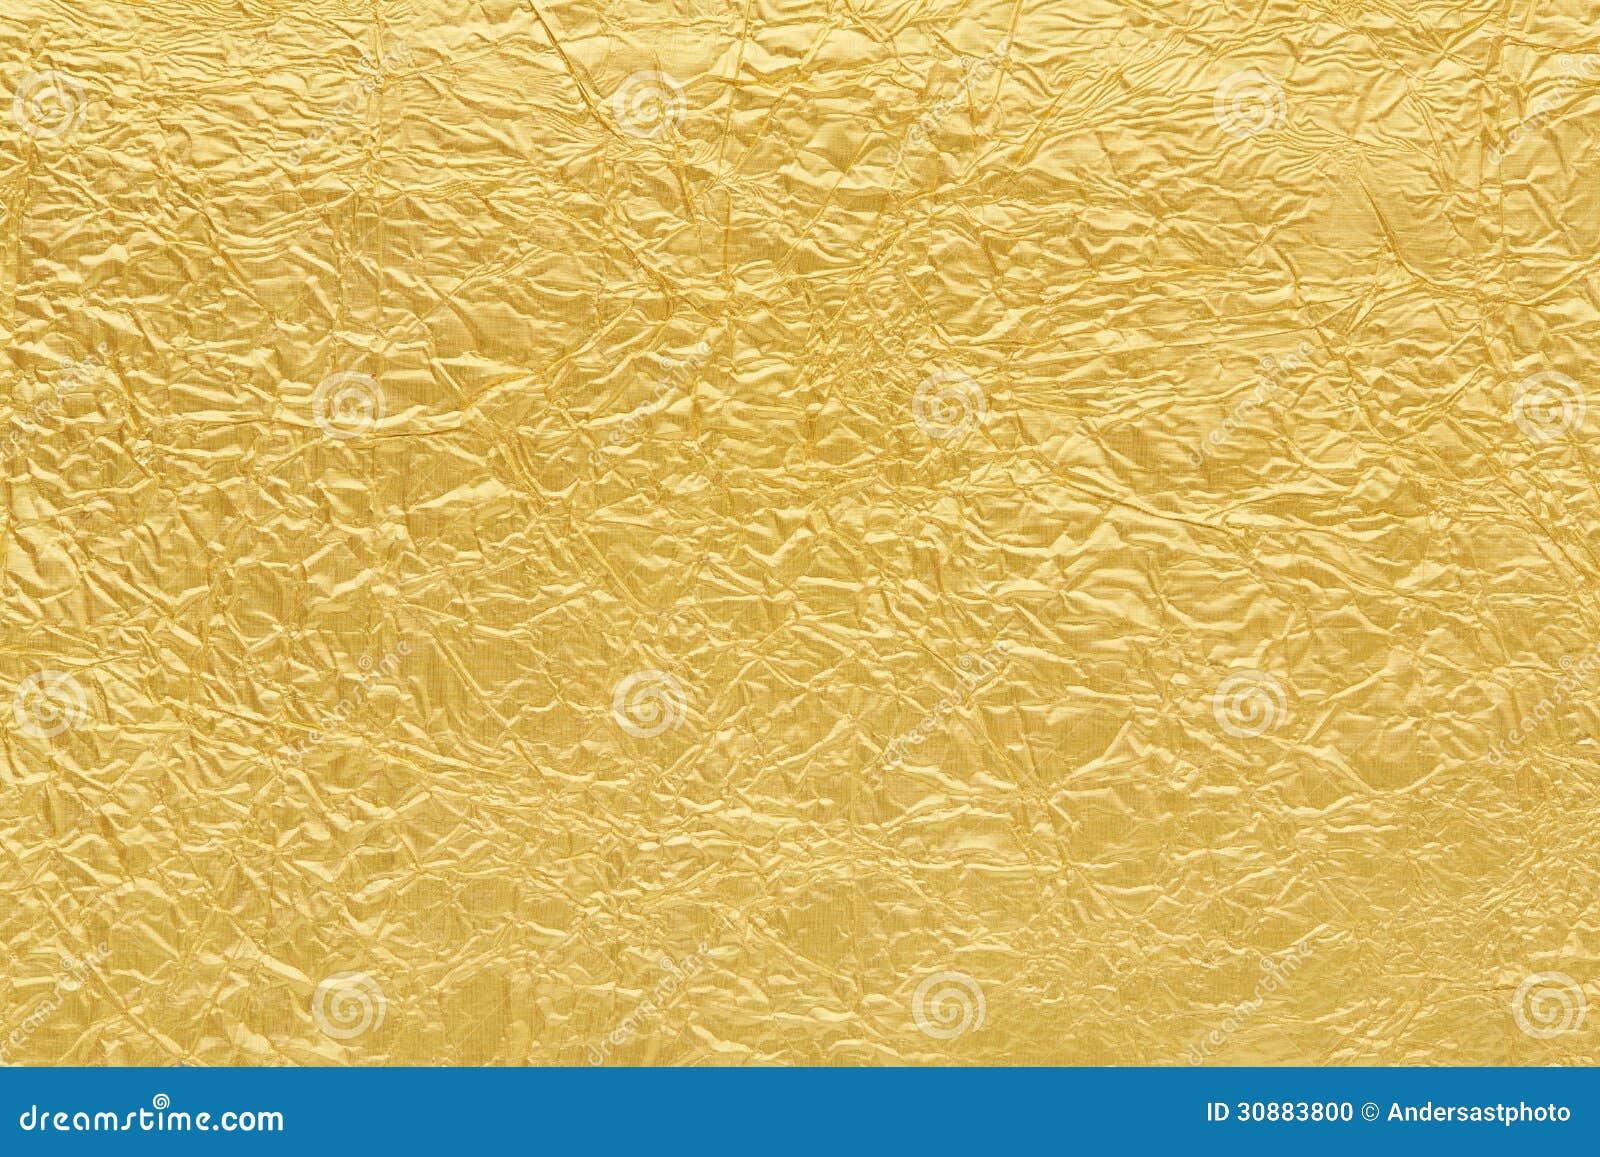 Текстура предпосылки сусального золота